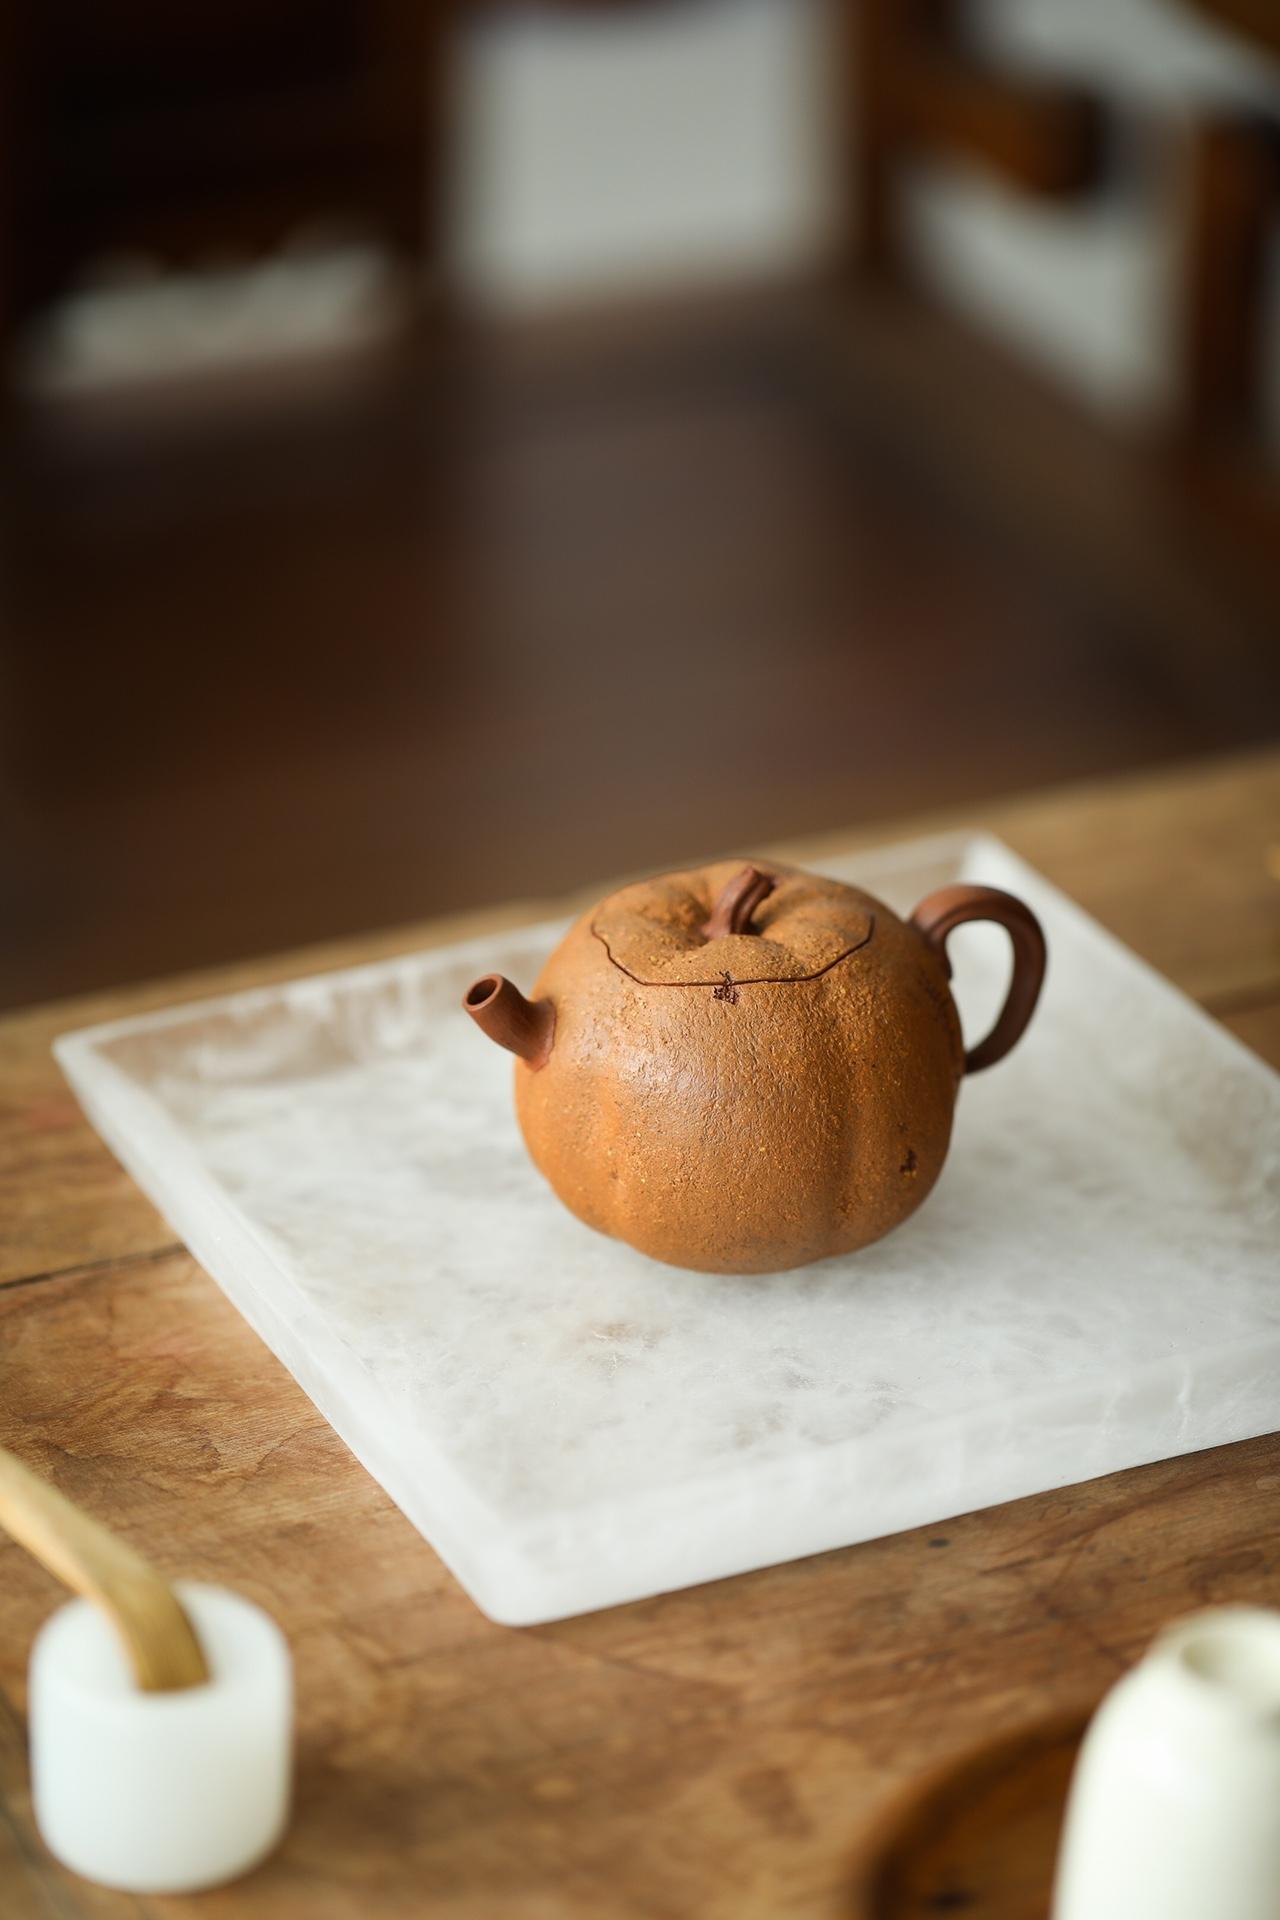 紫砂壶仿生器『善果』 你泥料:原矿紫泥粉老段泥,容量:135cc·7孔  此壶由芦建芬老师全手工制